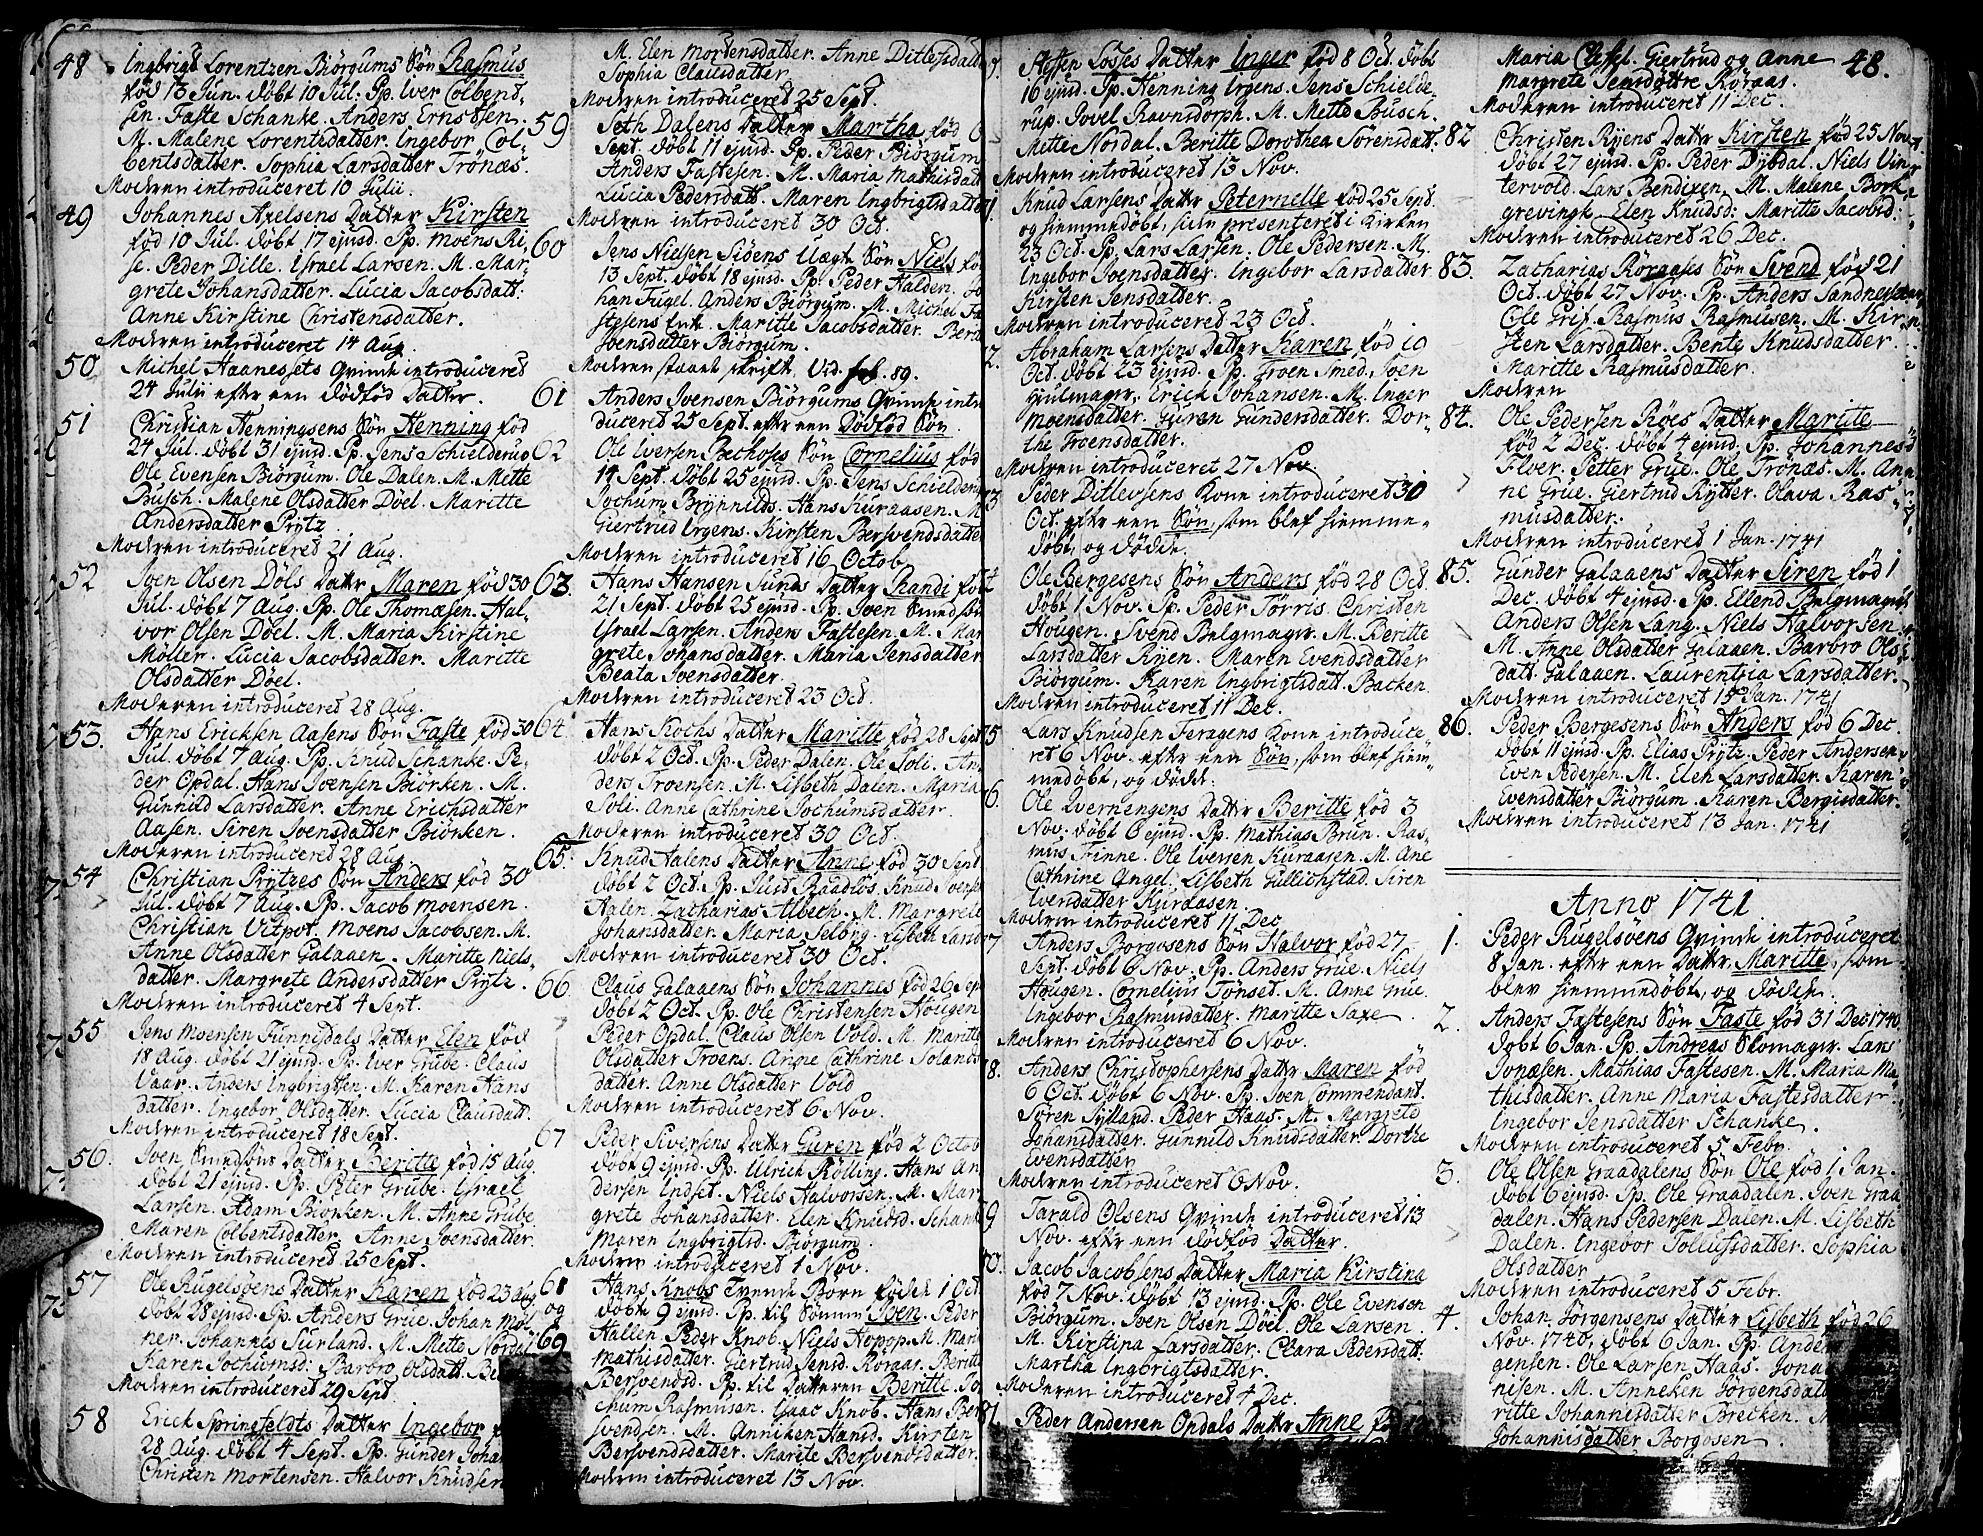 SAT, Ministerialprotokoller, klokkerbøker og fødselsregistre - Sør-Trøndelag, 681/L0925: Ministerialbok nr. 681A03, 1727-1766, s. 48